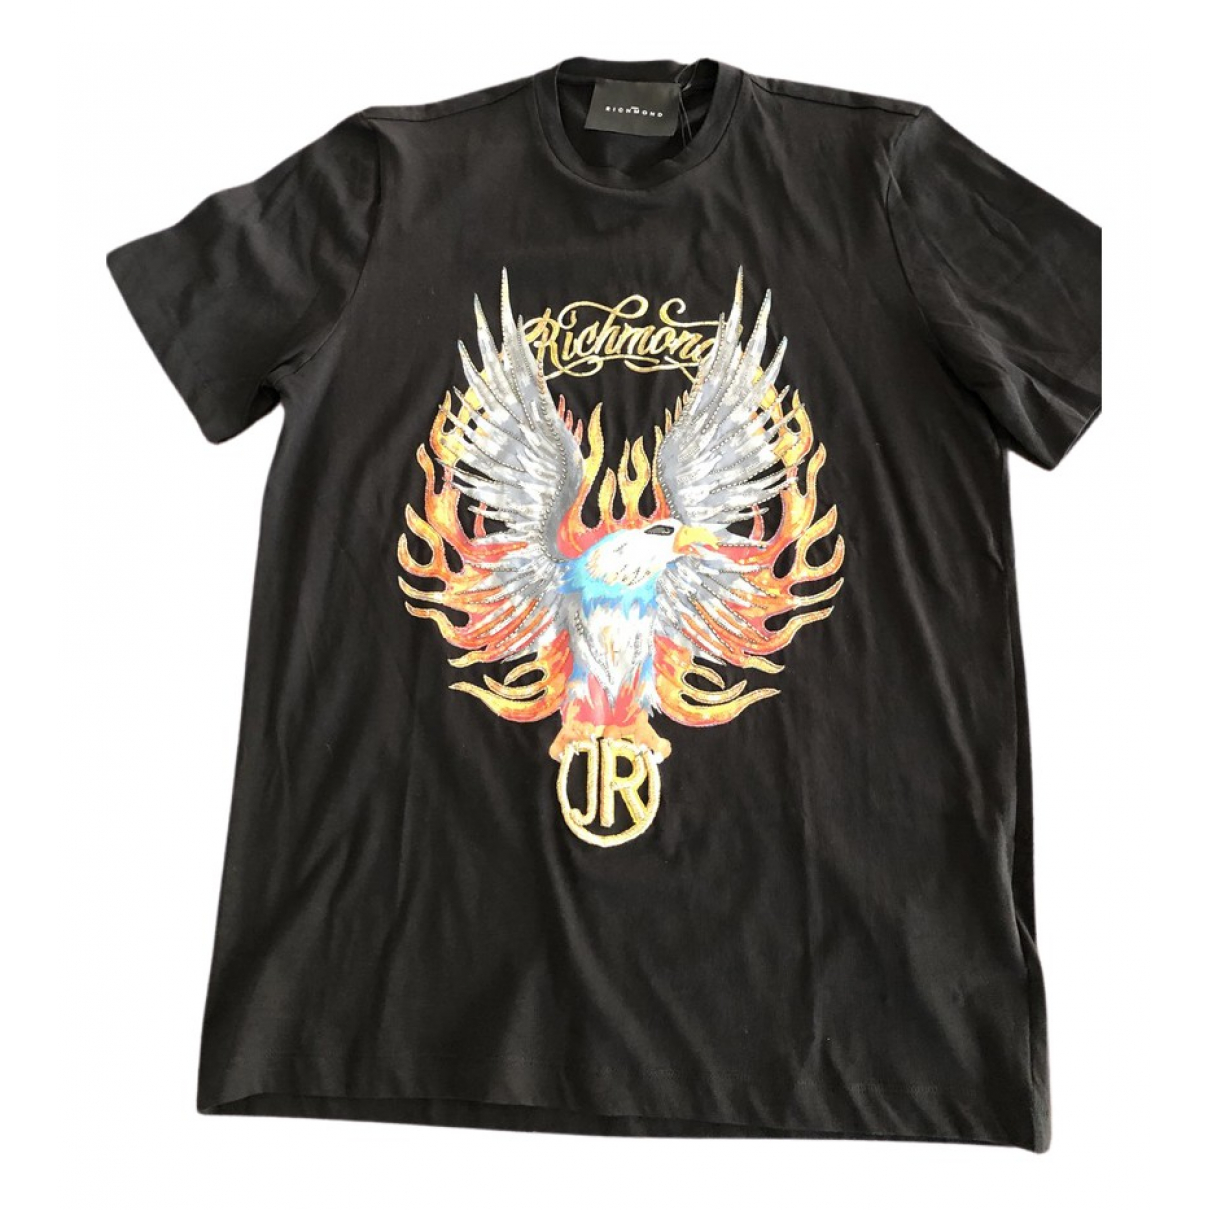 John Richmond \N T-Shirts in  Schwarz Baumwolle